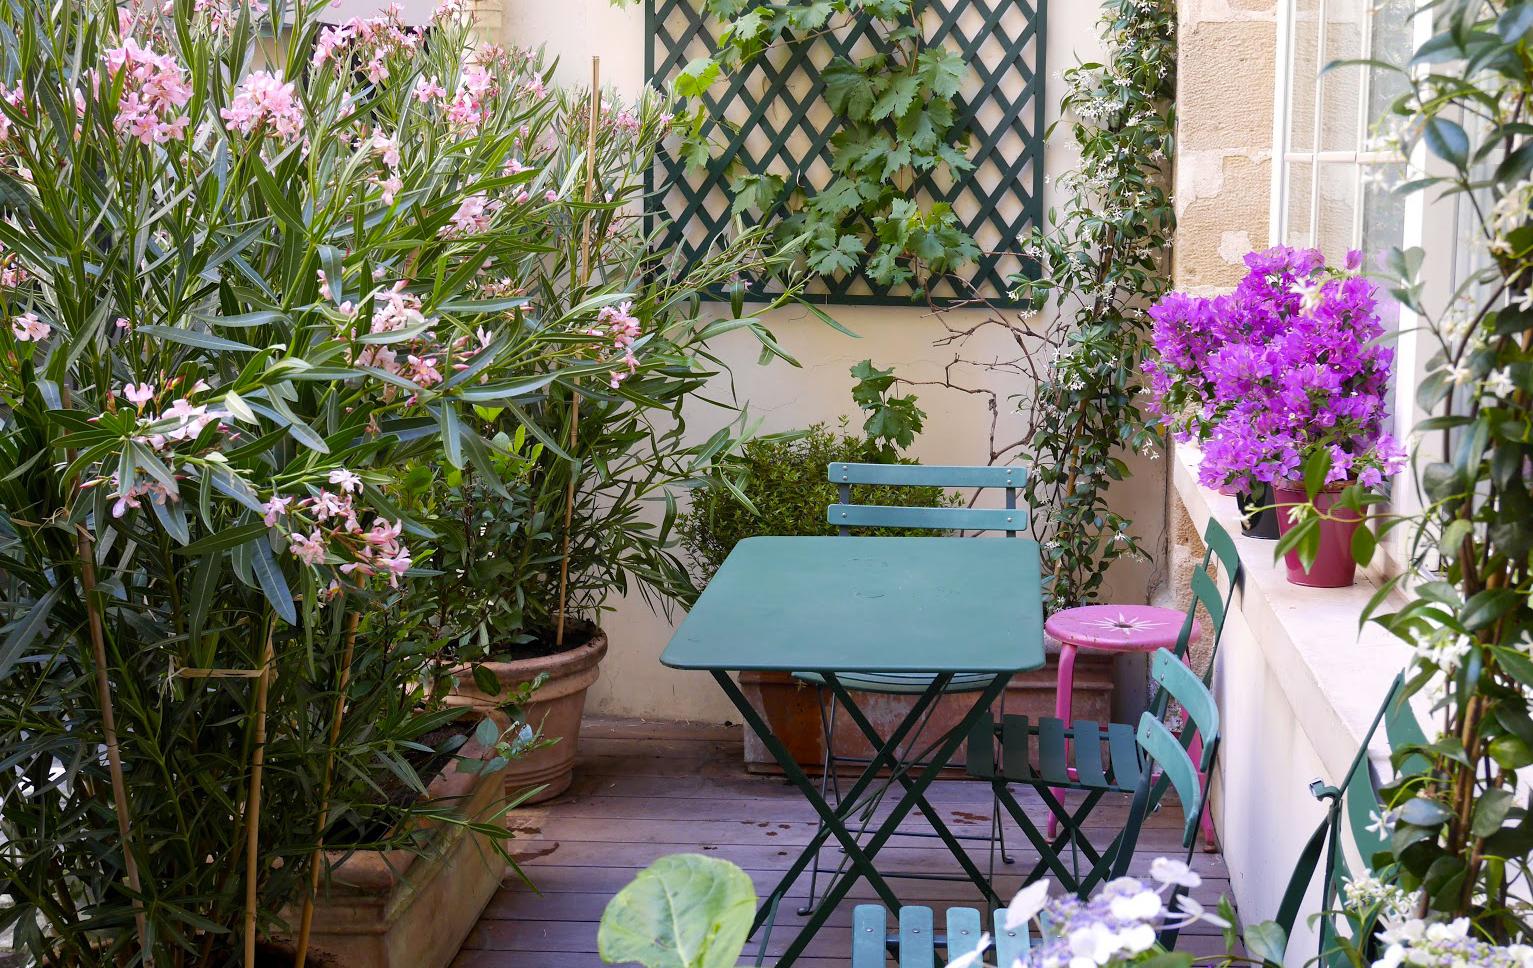 Paysagiste paris balcon id e inspirante for Paysagiste balcon